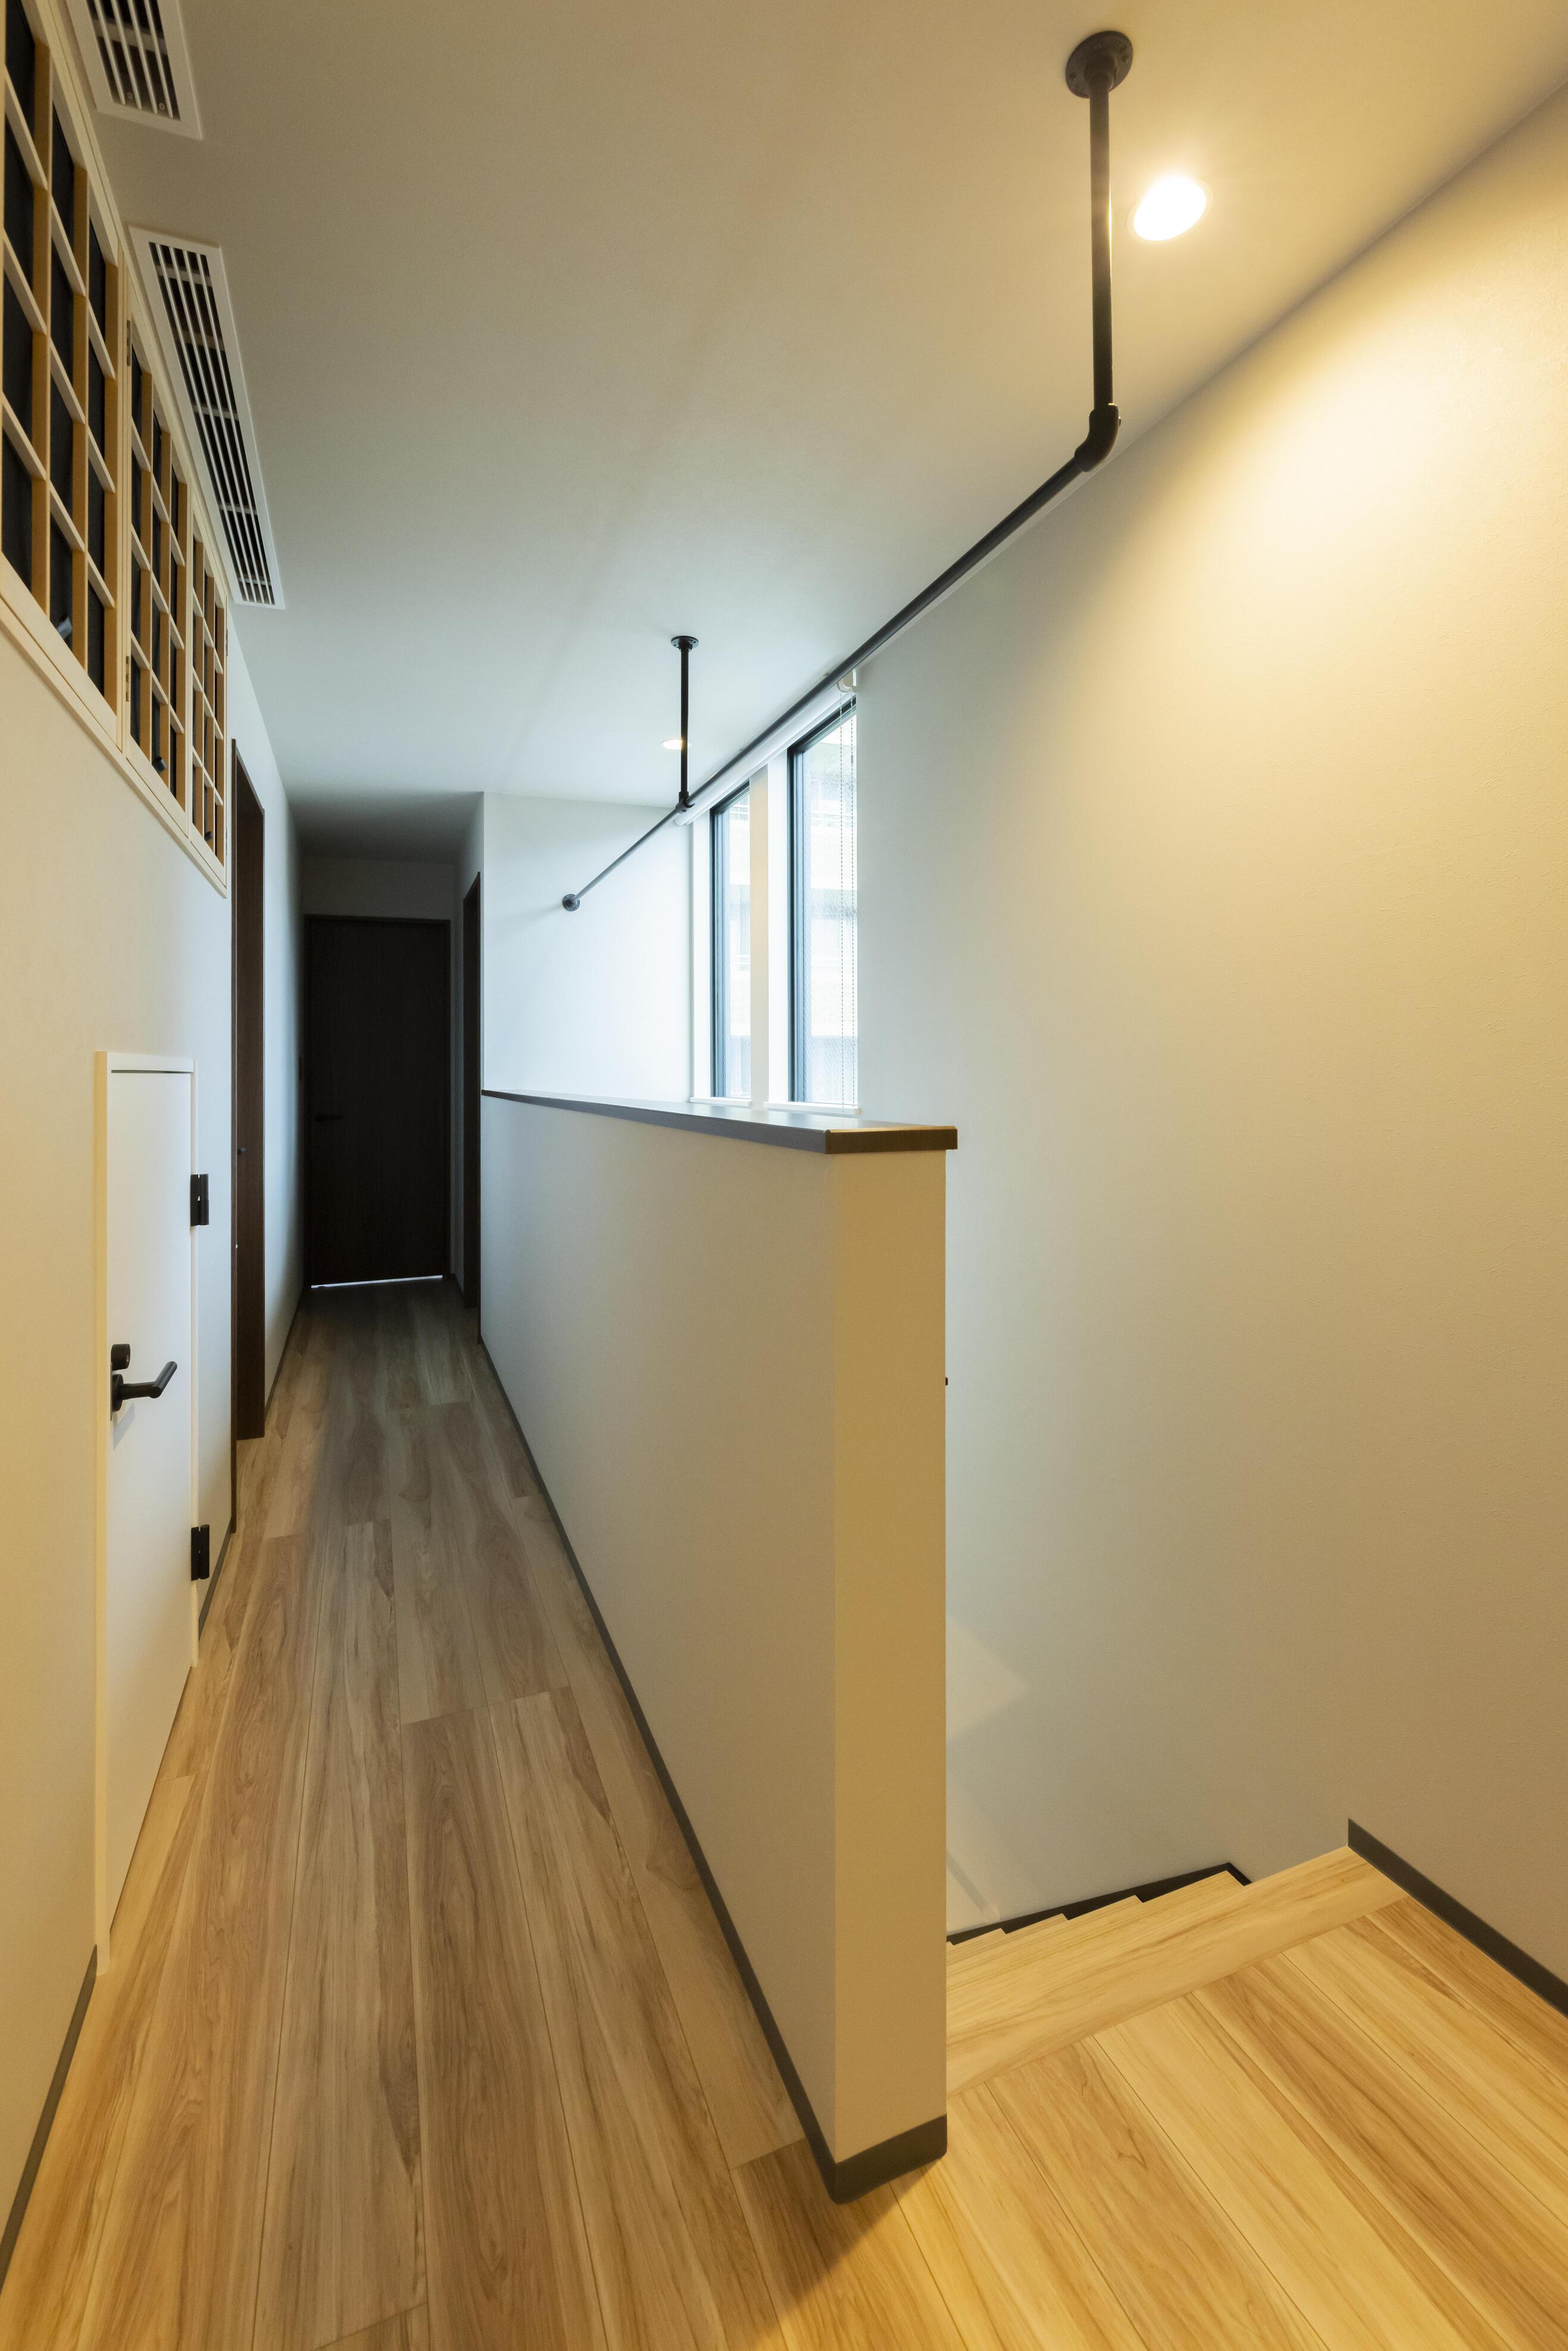 2階ホールには全館空調のための空調室を設けており、日々のメンテナンスもしやすい